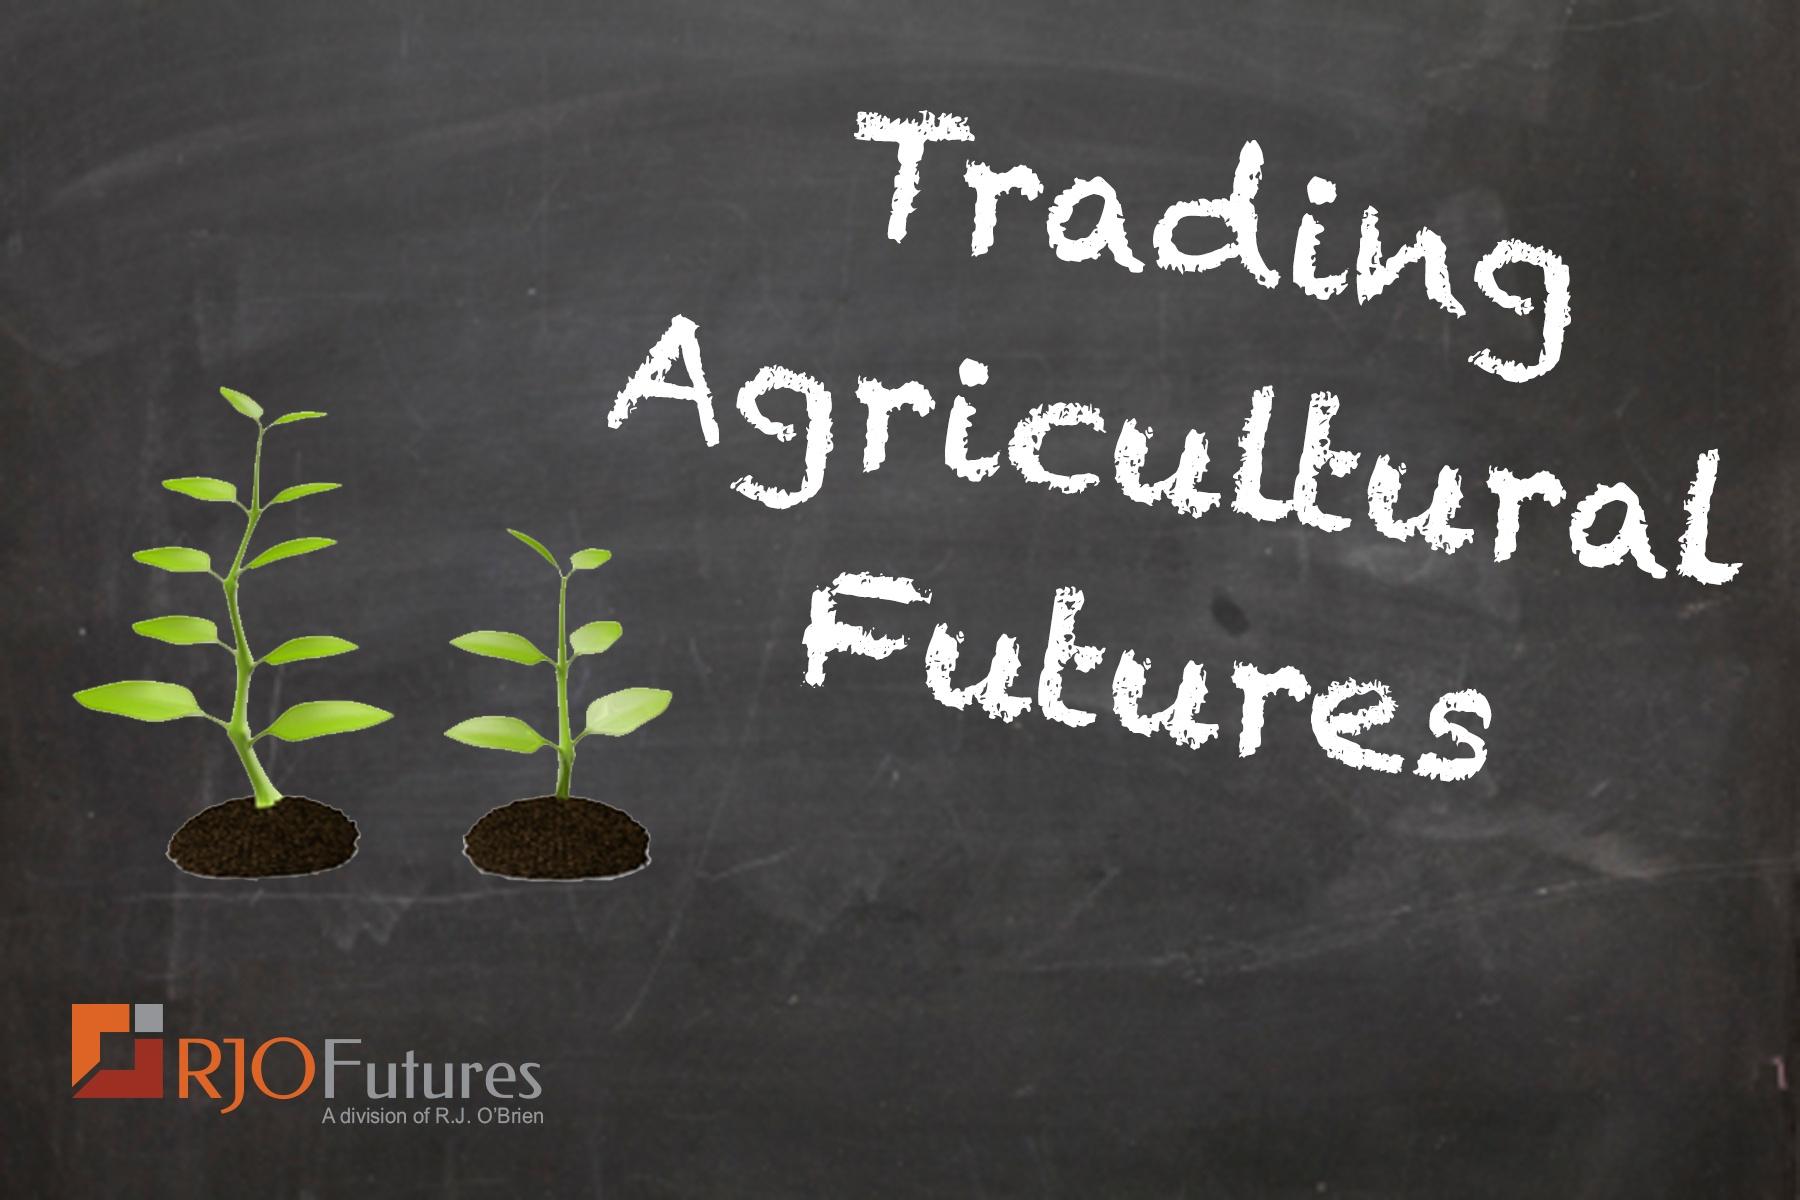 Trading Ag Futures.jpg